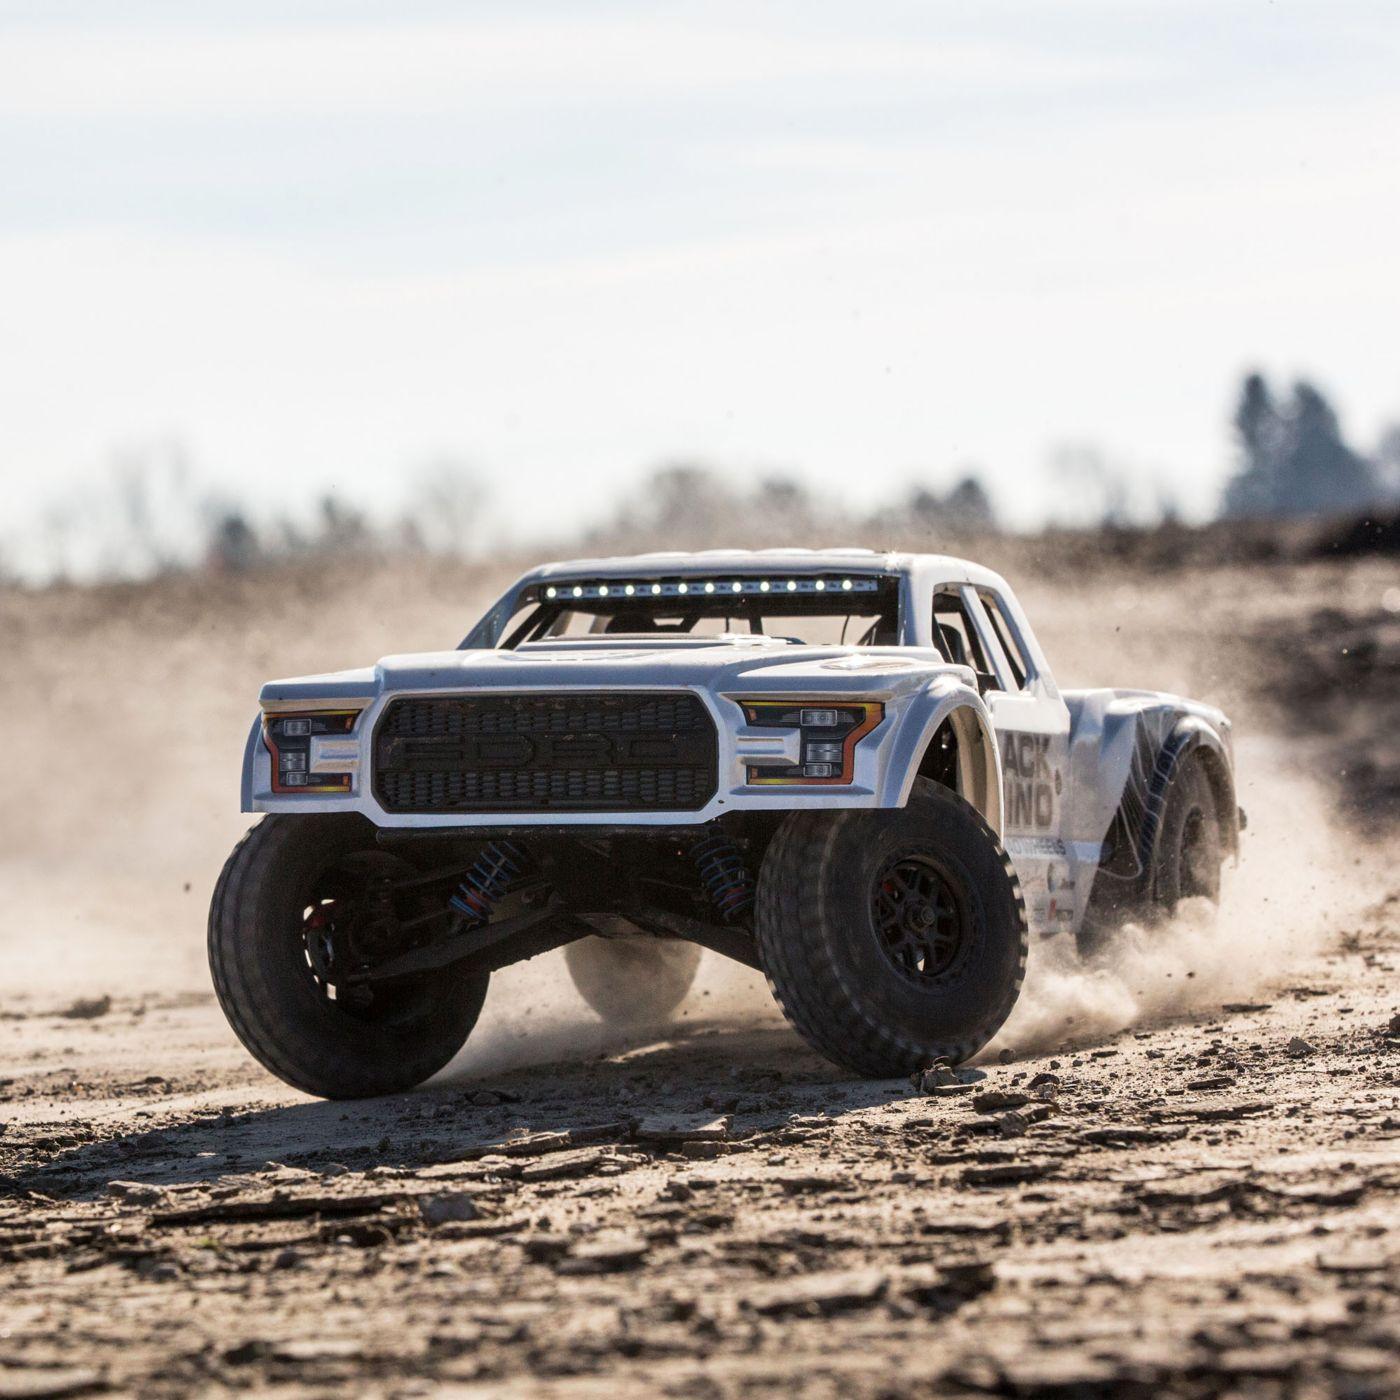 Losi Ford Raptor Baja Desert Racer brushless rtr 12